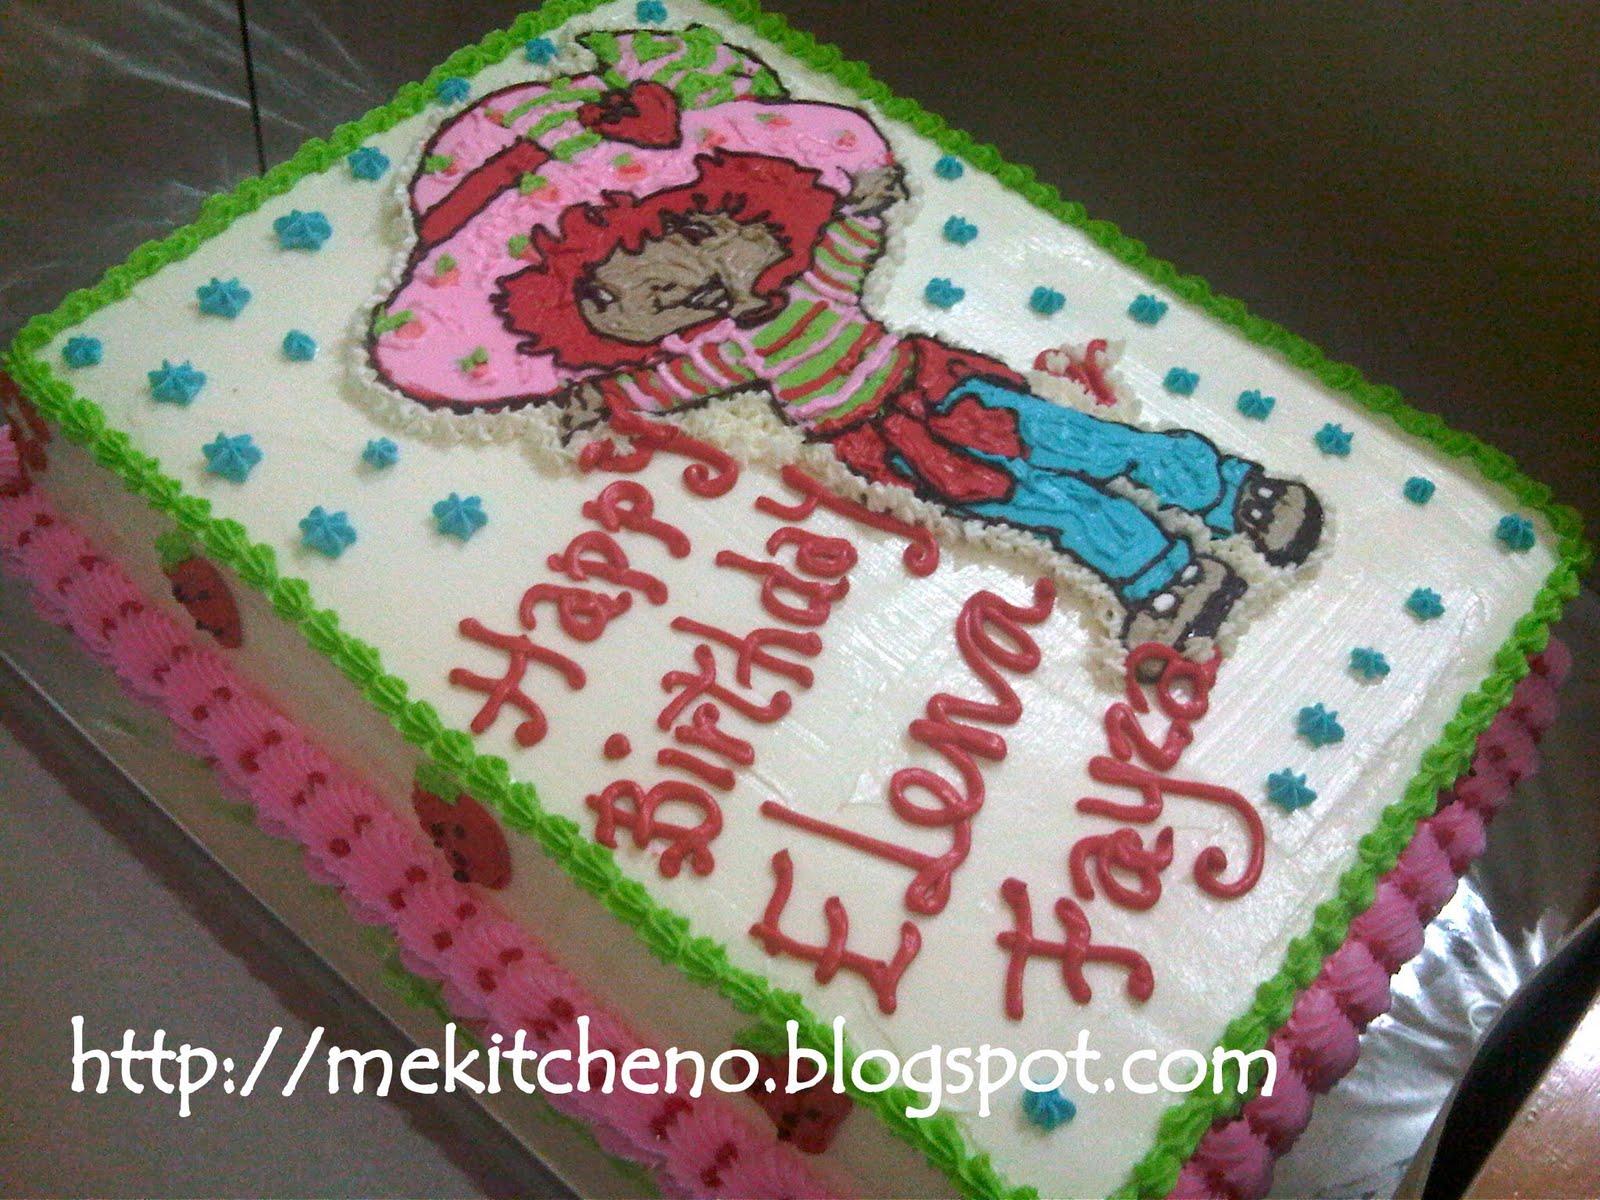 Artikel Tentang Contoh Kue Ulang Tahun Anak Ke 1 yang ada di belfend ...